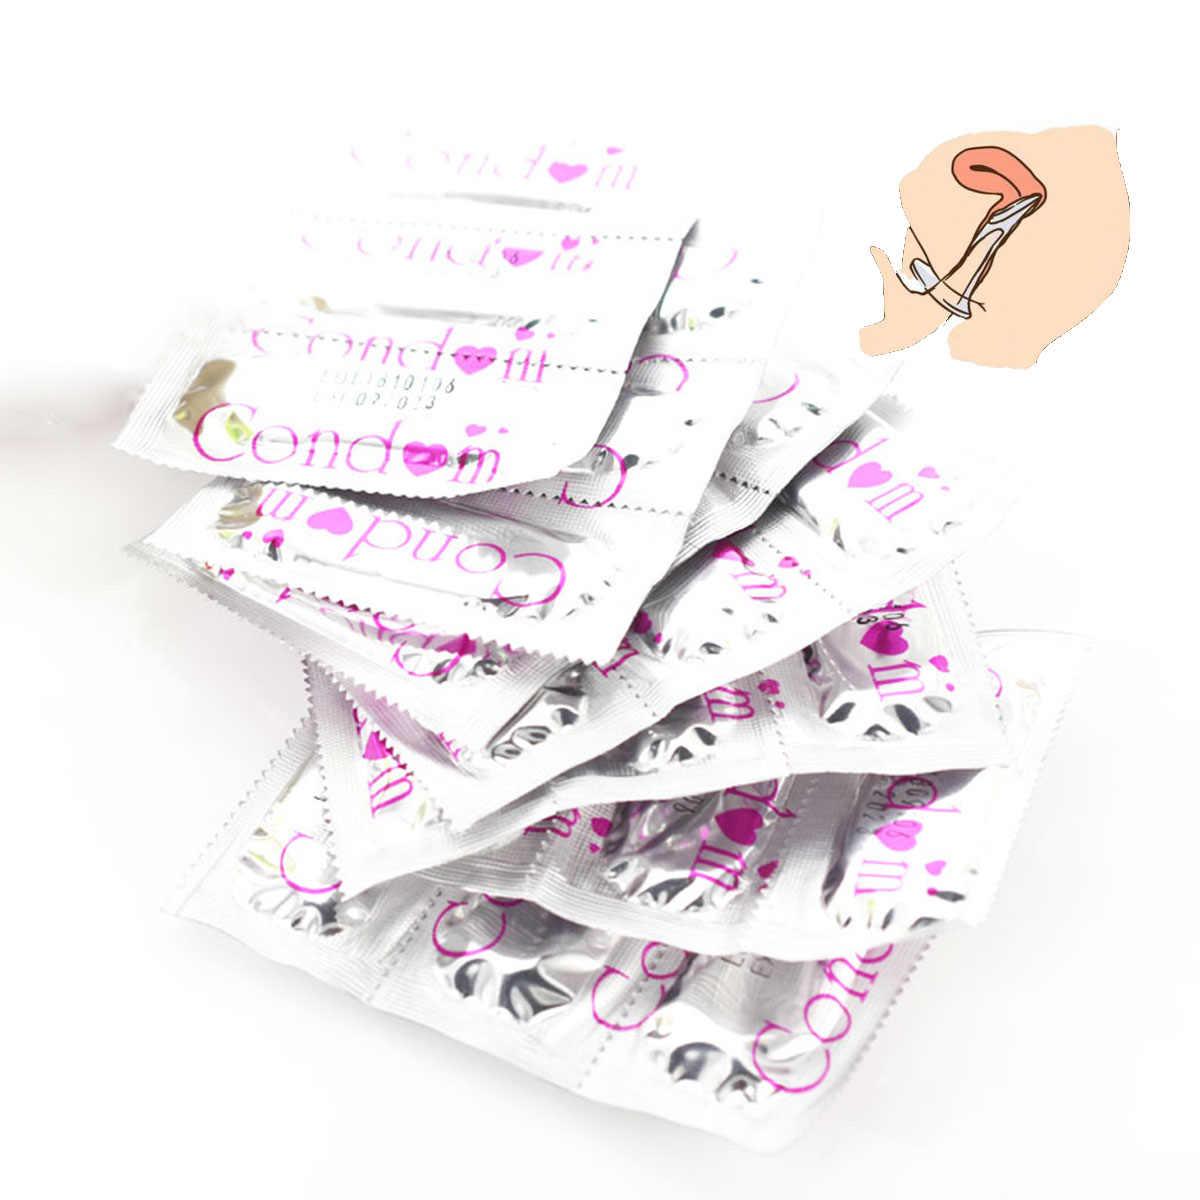 Yeni Prezervatif 1 adet Ultra Ince Horoz Prezervatif Samimi Ürünler Seks Ürünleri Doğal Kauçuk Lateks Penis Kollu Seks Erkekler Için 0.09 $/1 adet